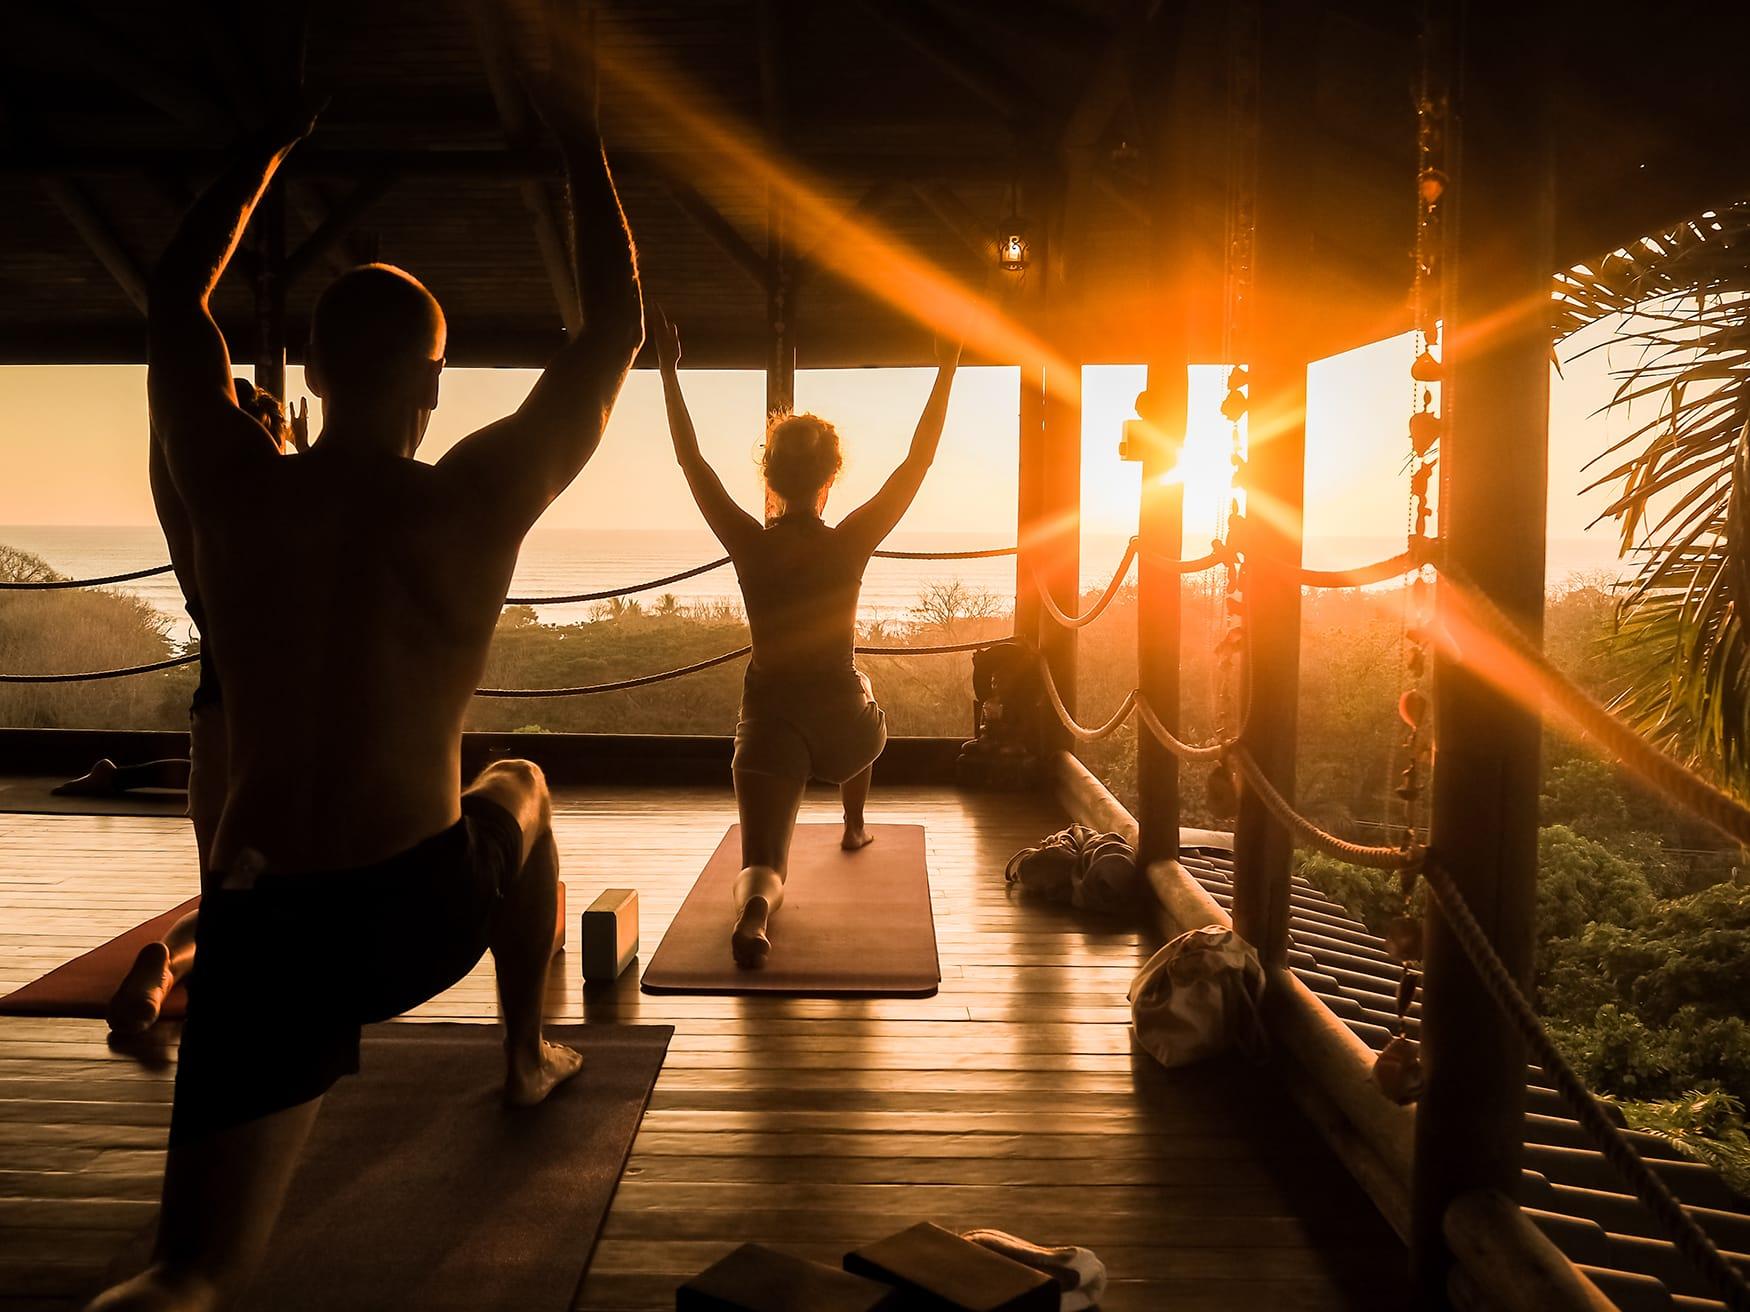 Yoga-Stunde in Costa Rica